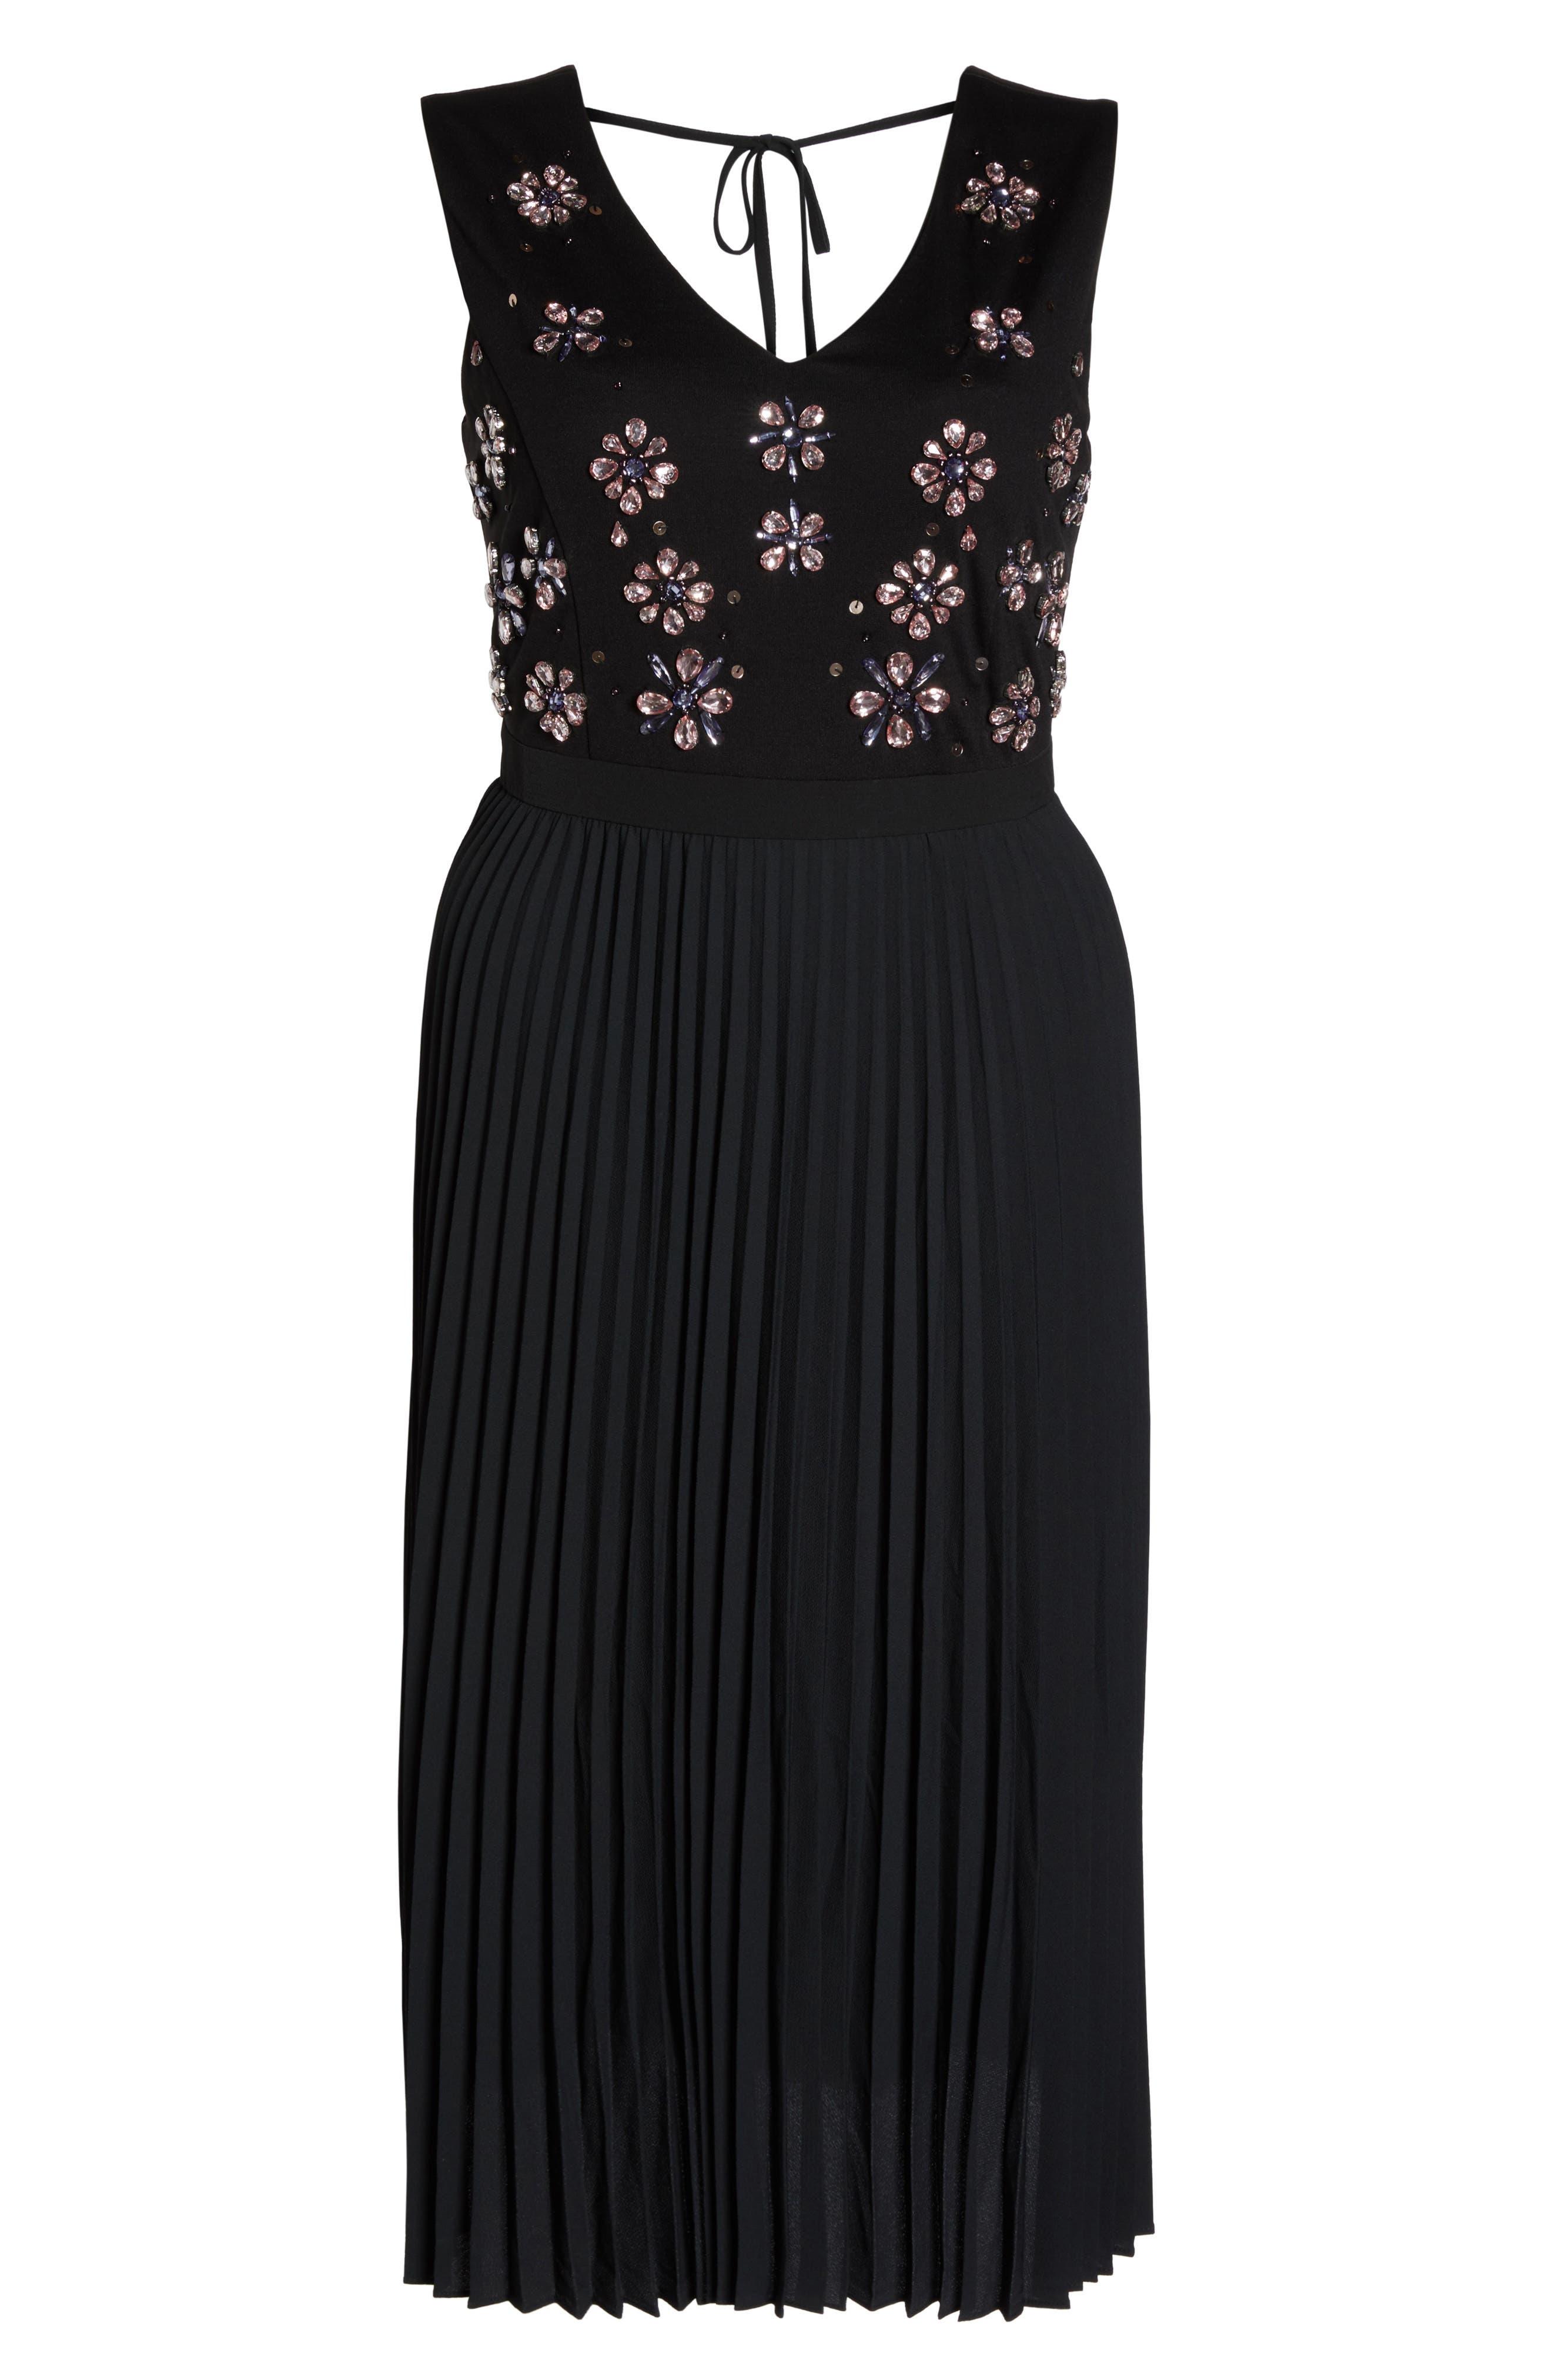 Crystal Flower Embellished Dress,                             Alternate thumbnail 7, color,                             Black